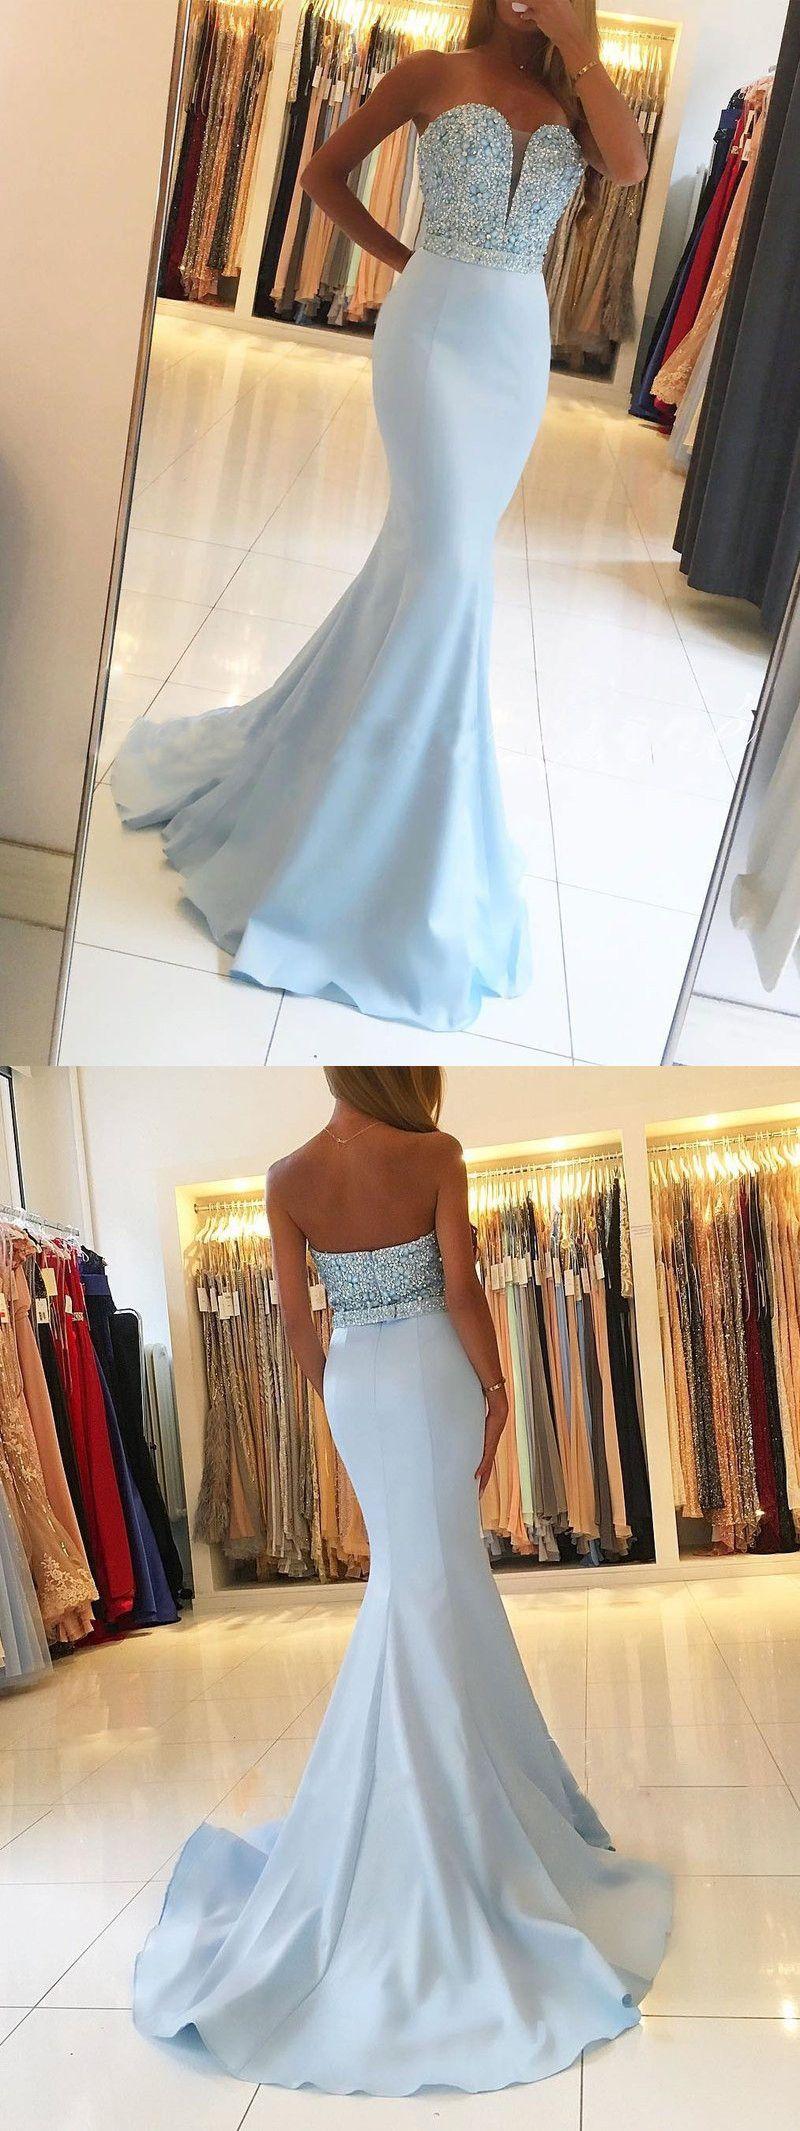 Elegant Strapless Sky Blue Mermaid Long Prom Dress From Wendyhouse Strapless Prom Dresses Prom Dresses For Teens Light Blue Prom Dress [ 2131 x 800 Pixel ]